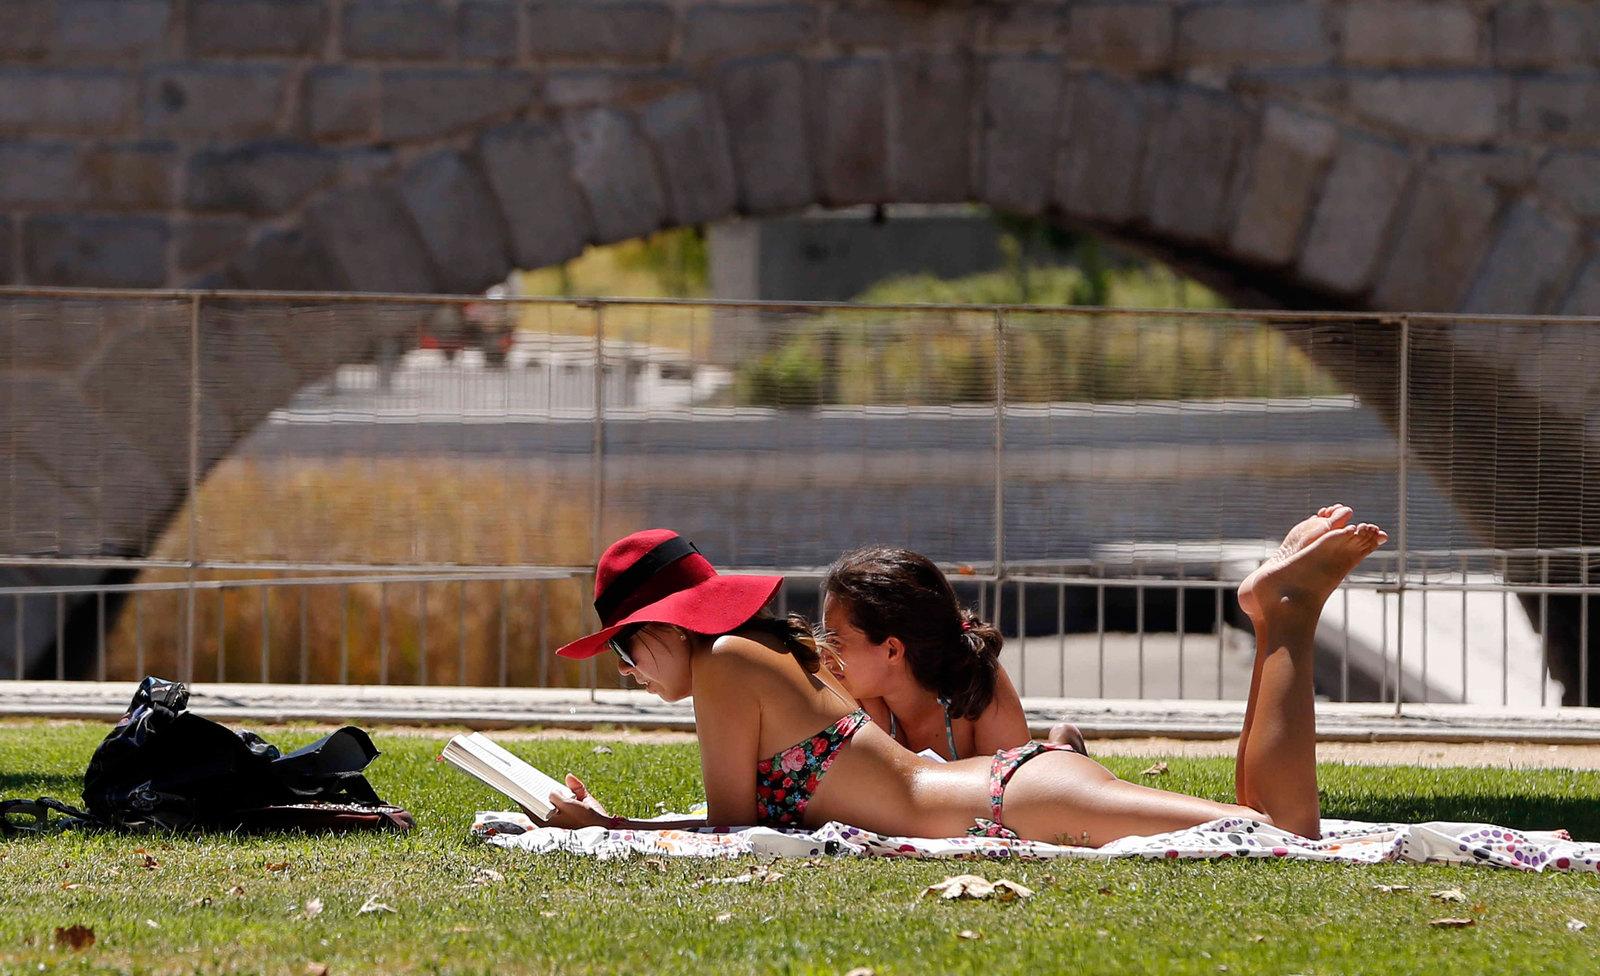 В Рио люди загорают не только на пляжах